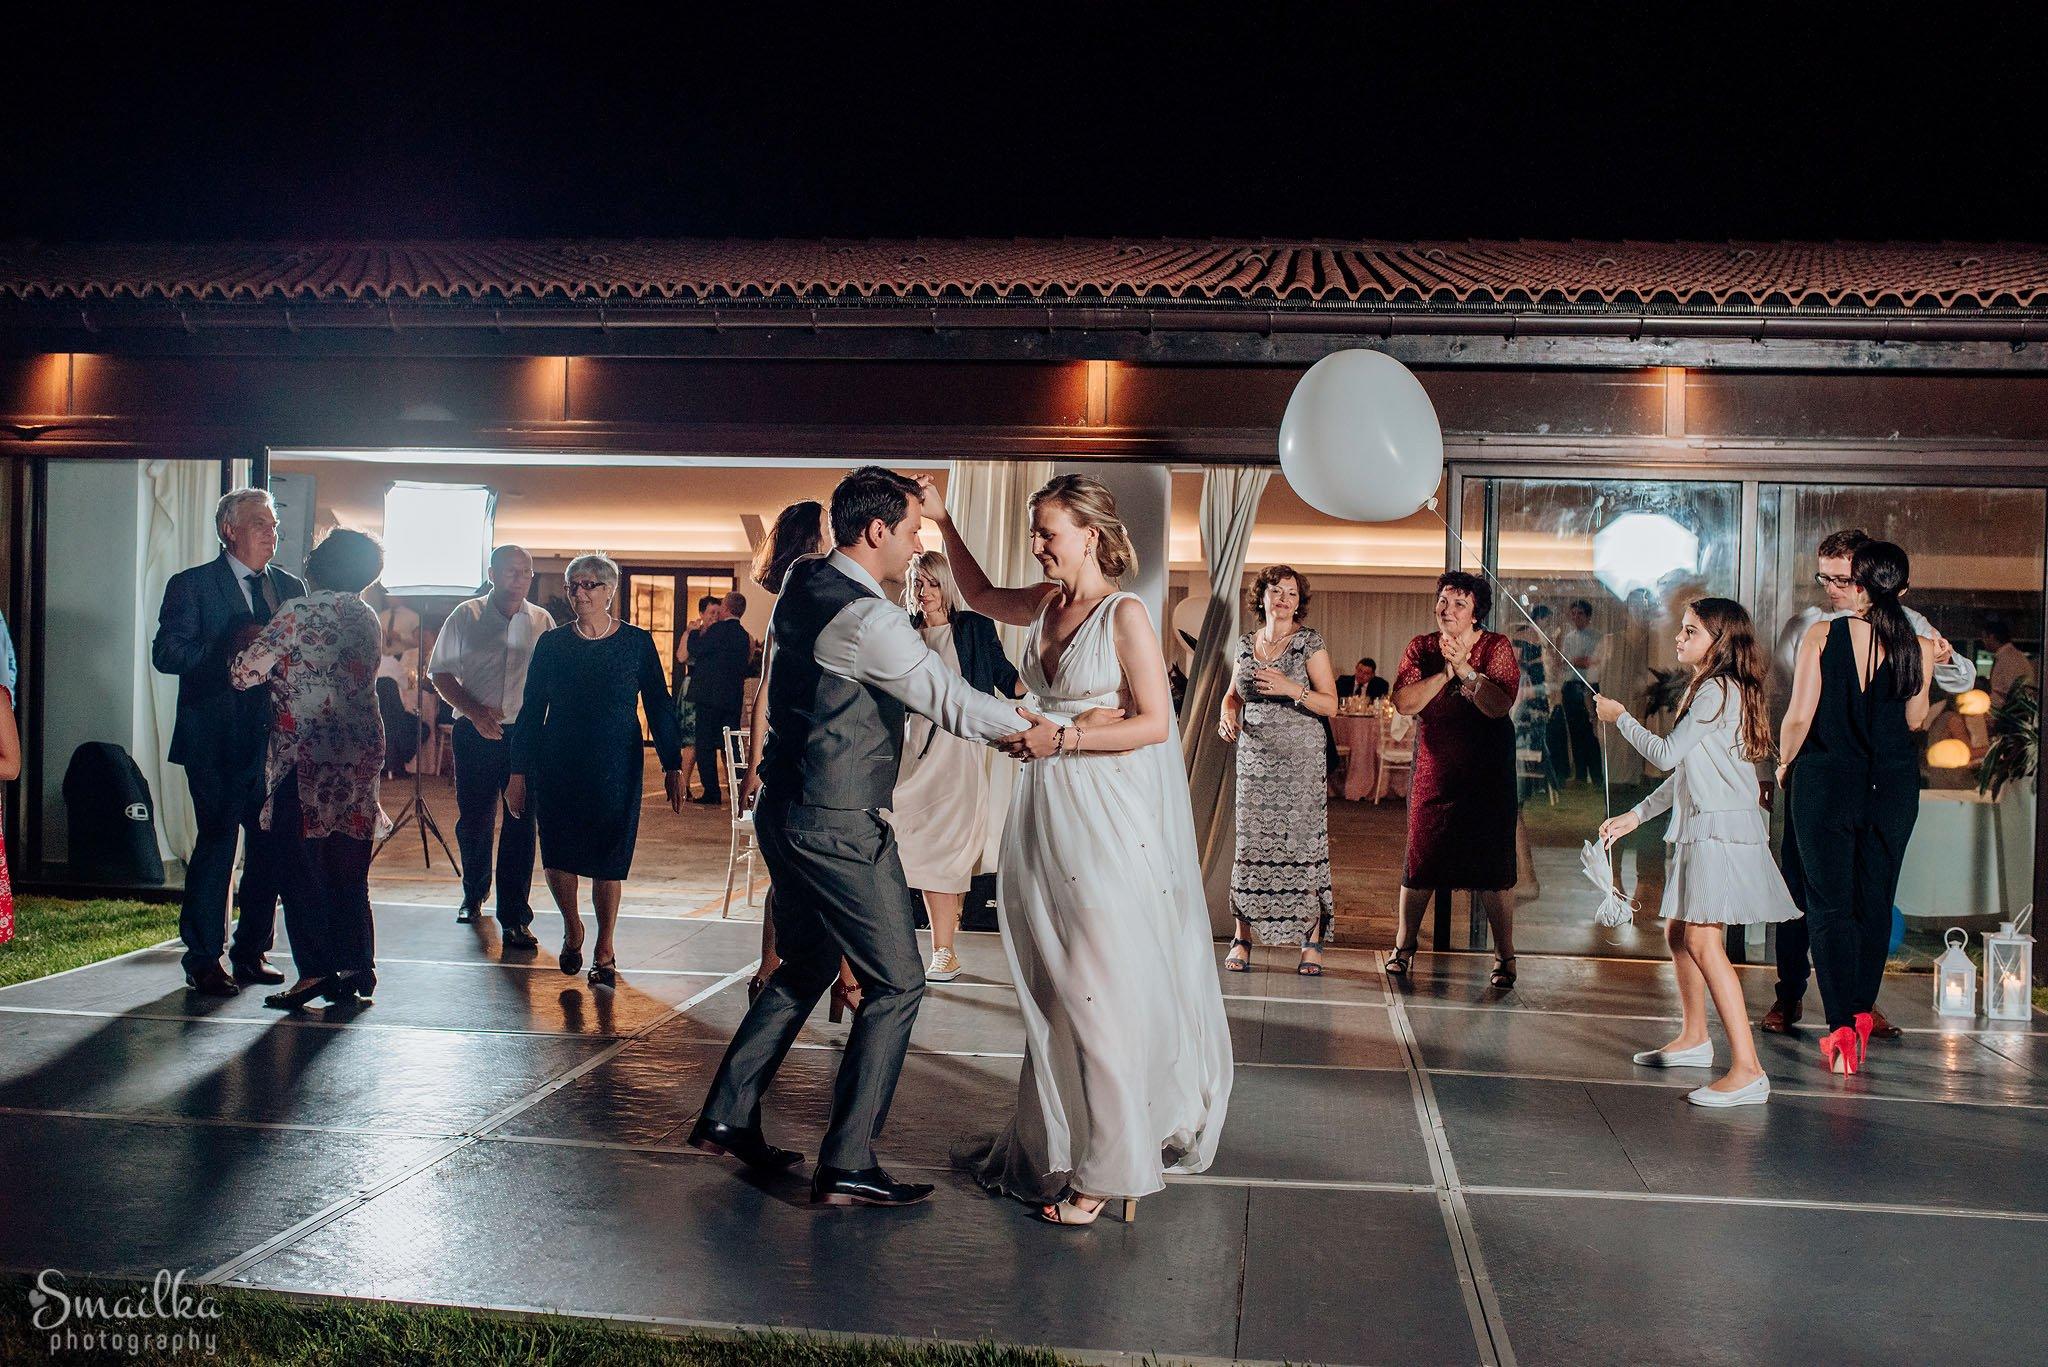 Wedding couple dancing outisde the restaurant at Black Sea Rama